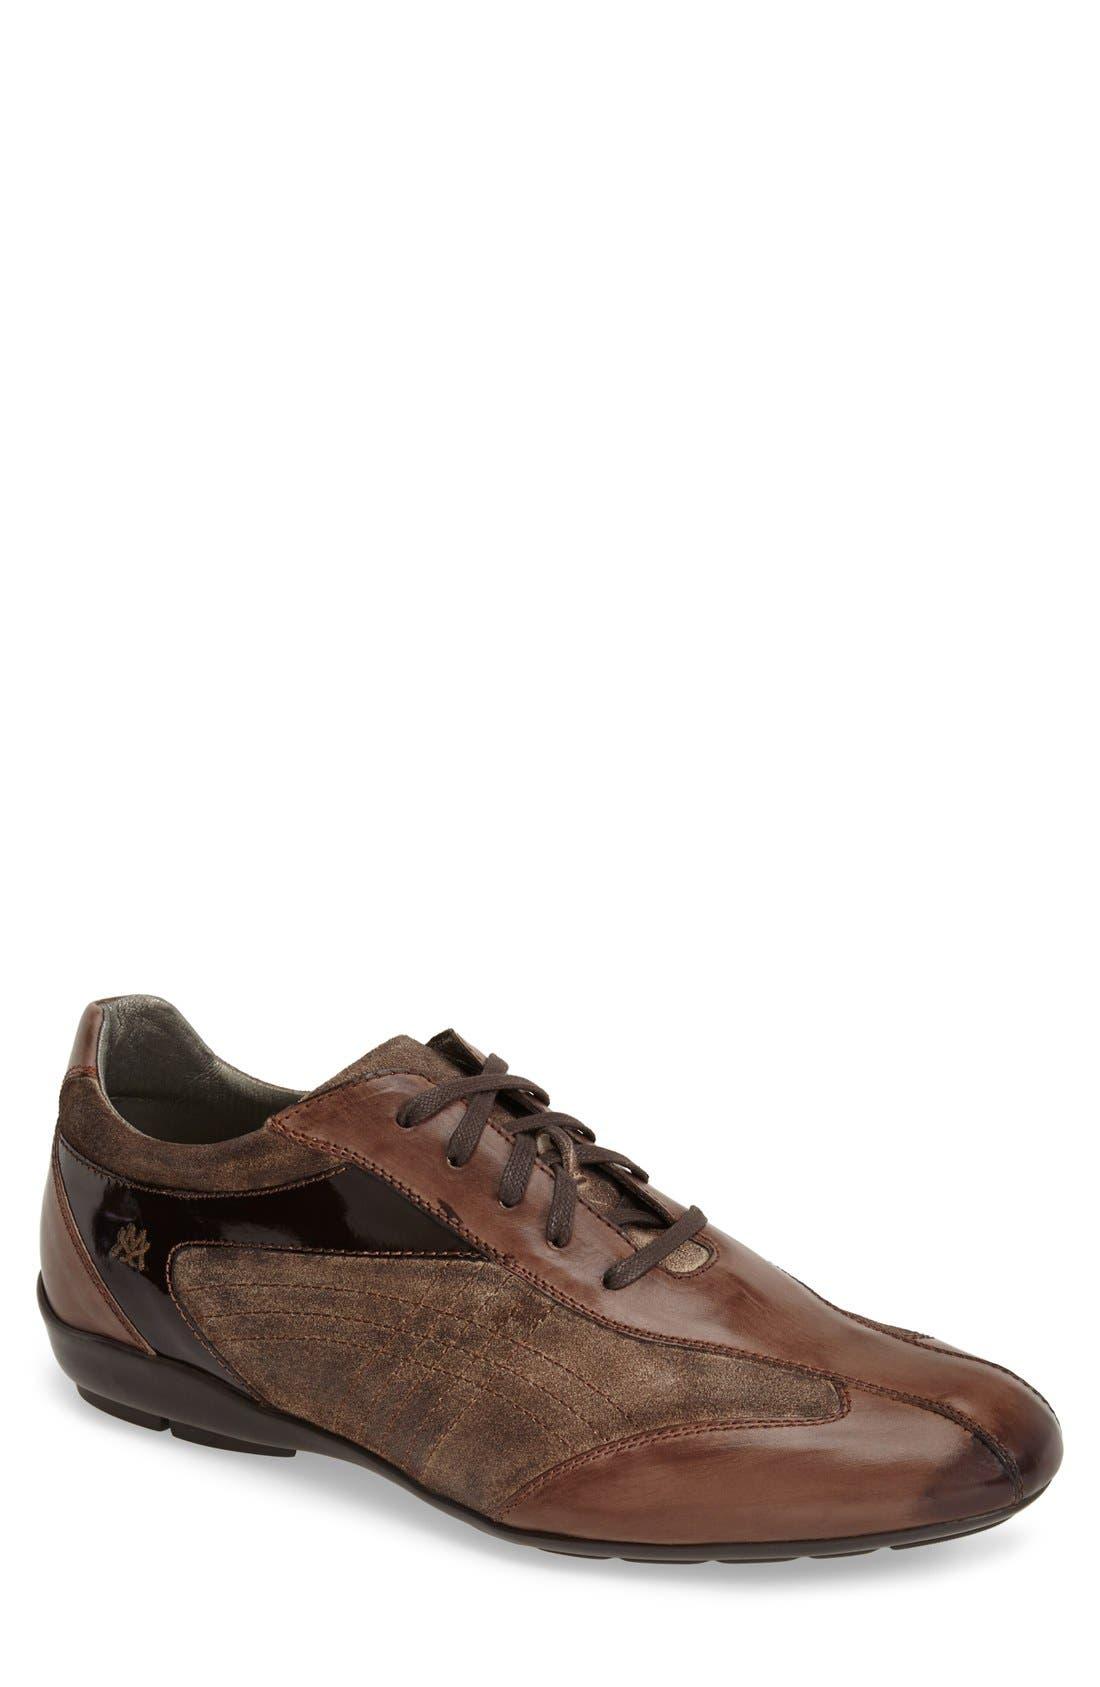 Alternate Image 1 Selected - Mezlan 'Vega' Sneaker (Men) (Online Only)